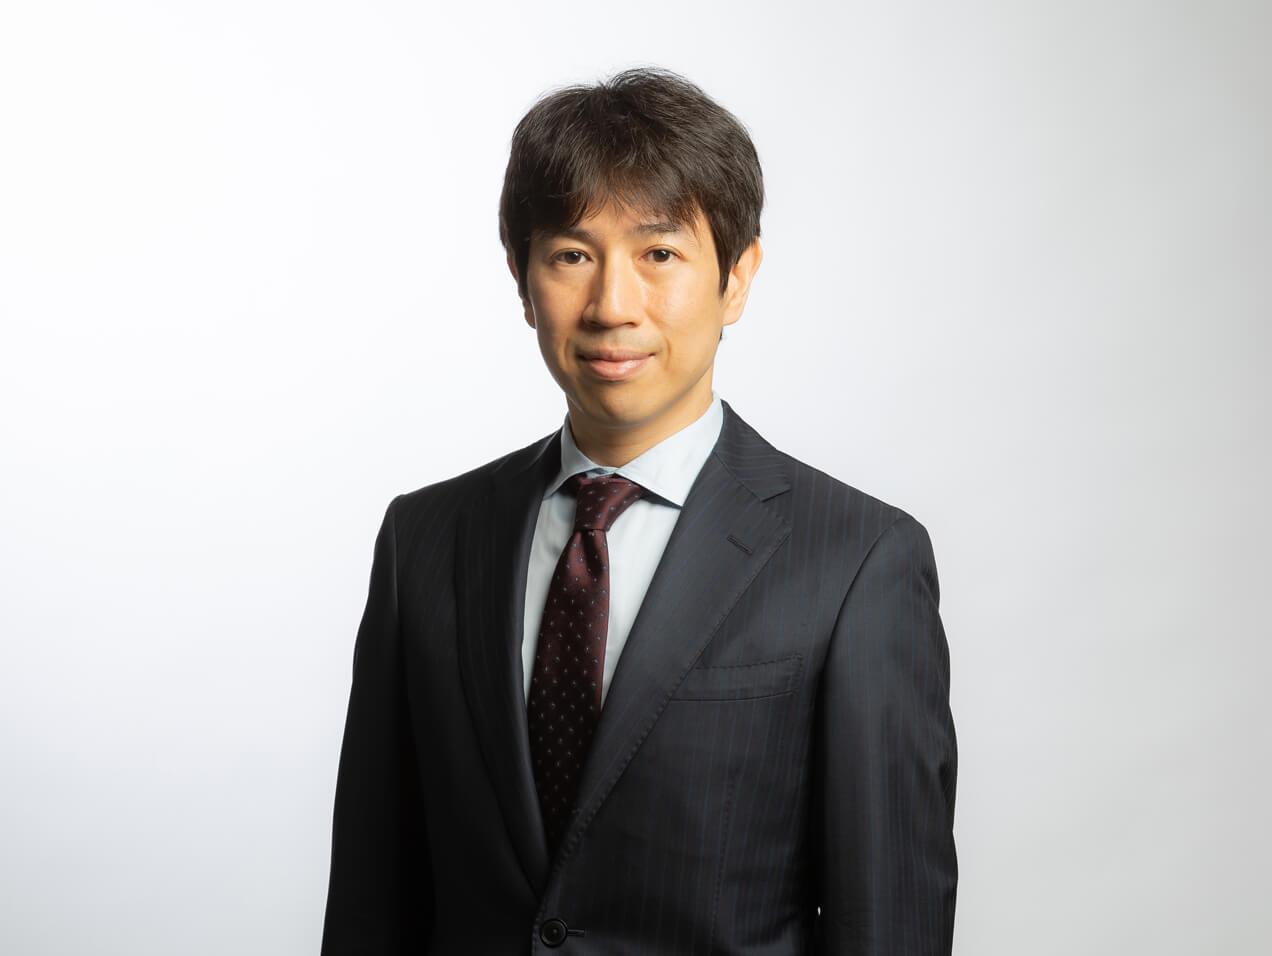 Yoshitoshi Imoto